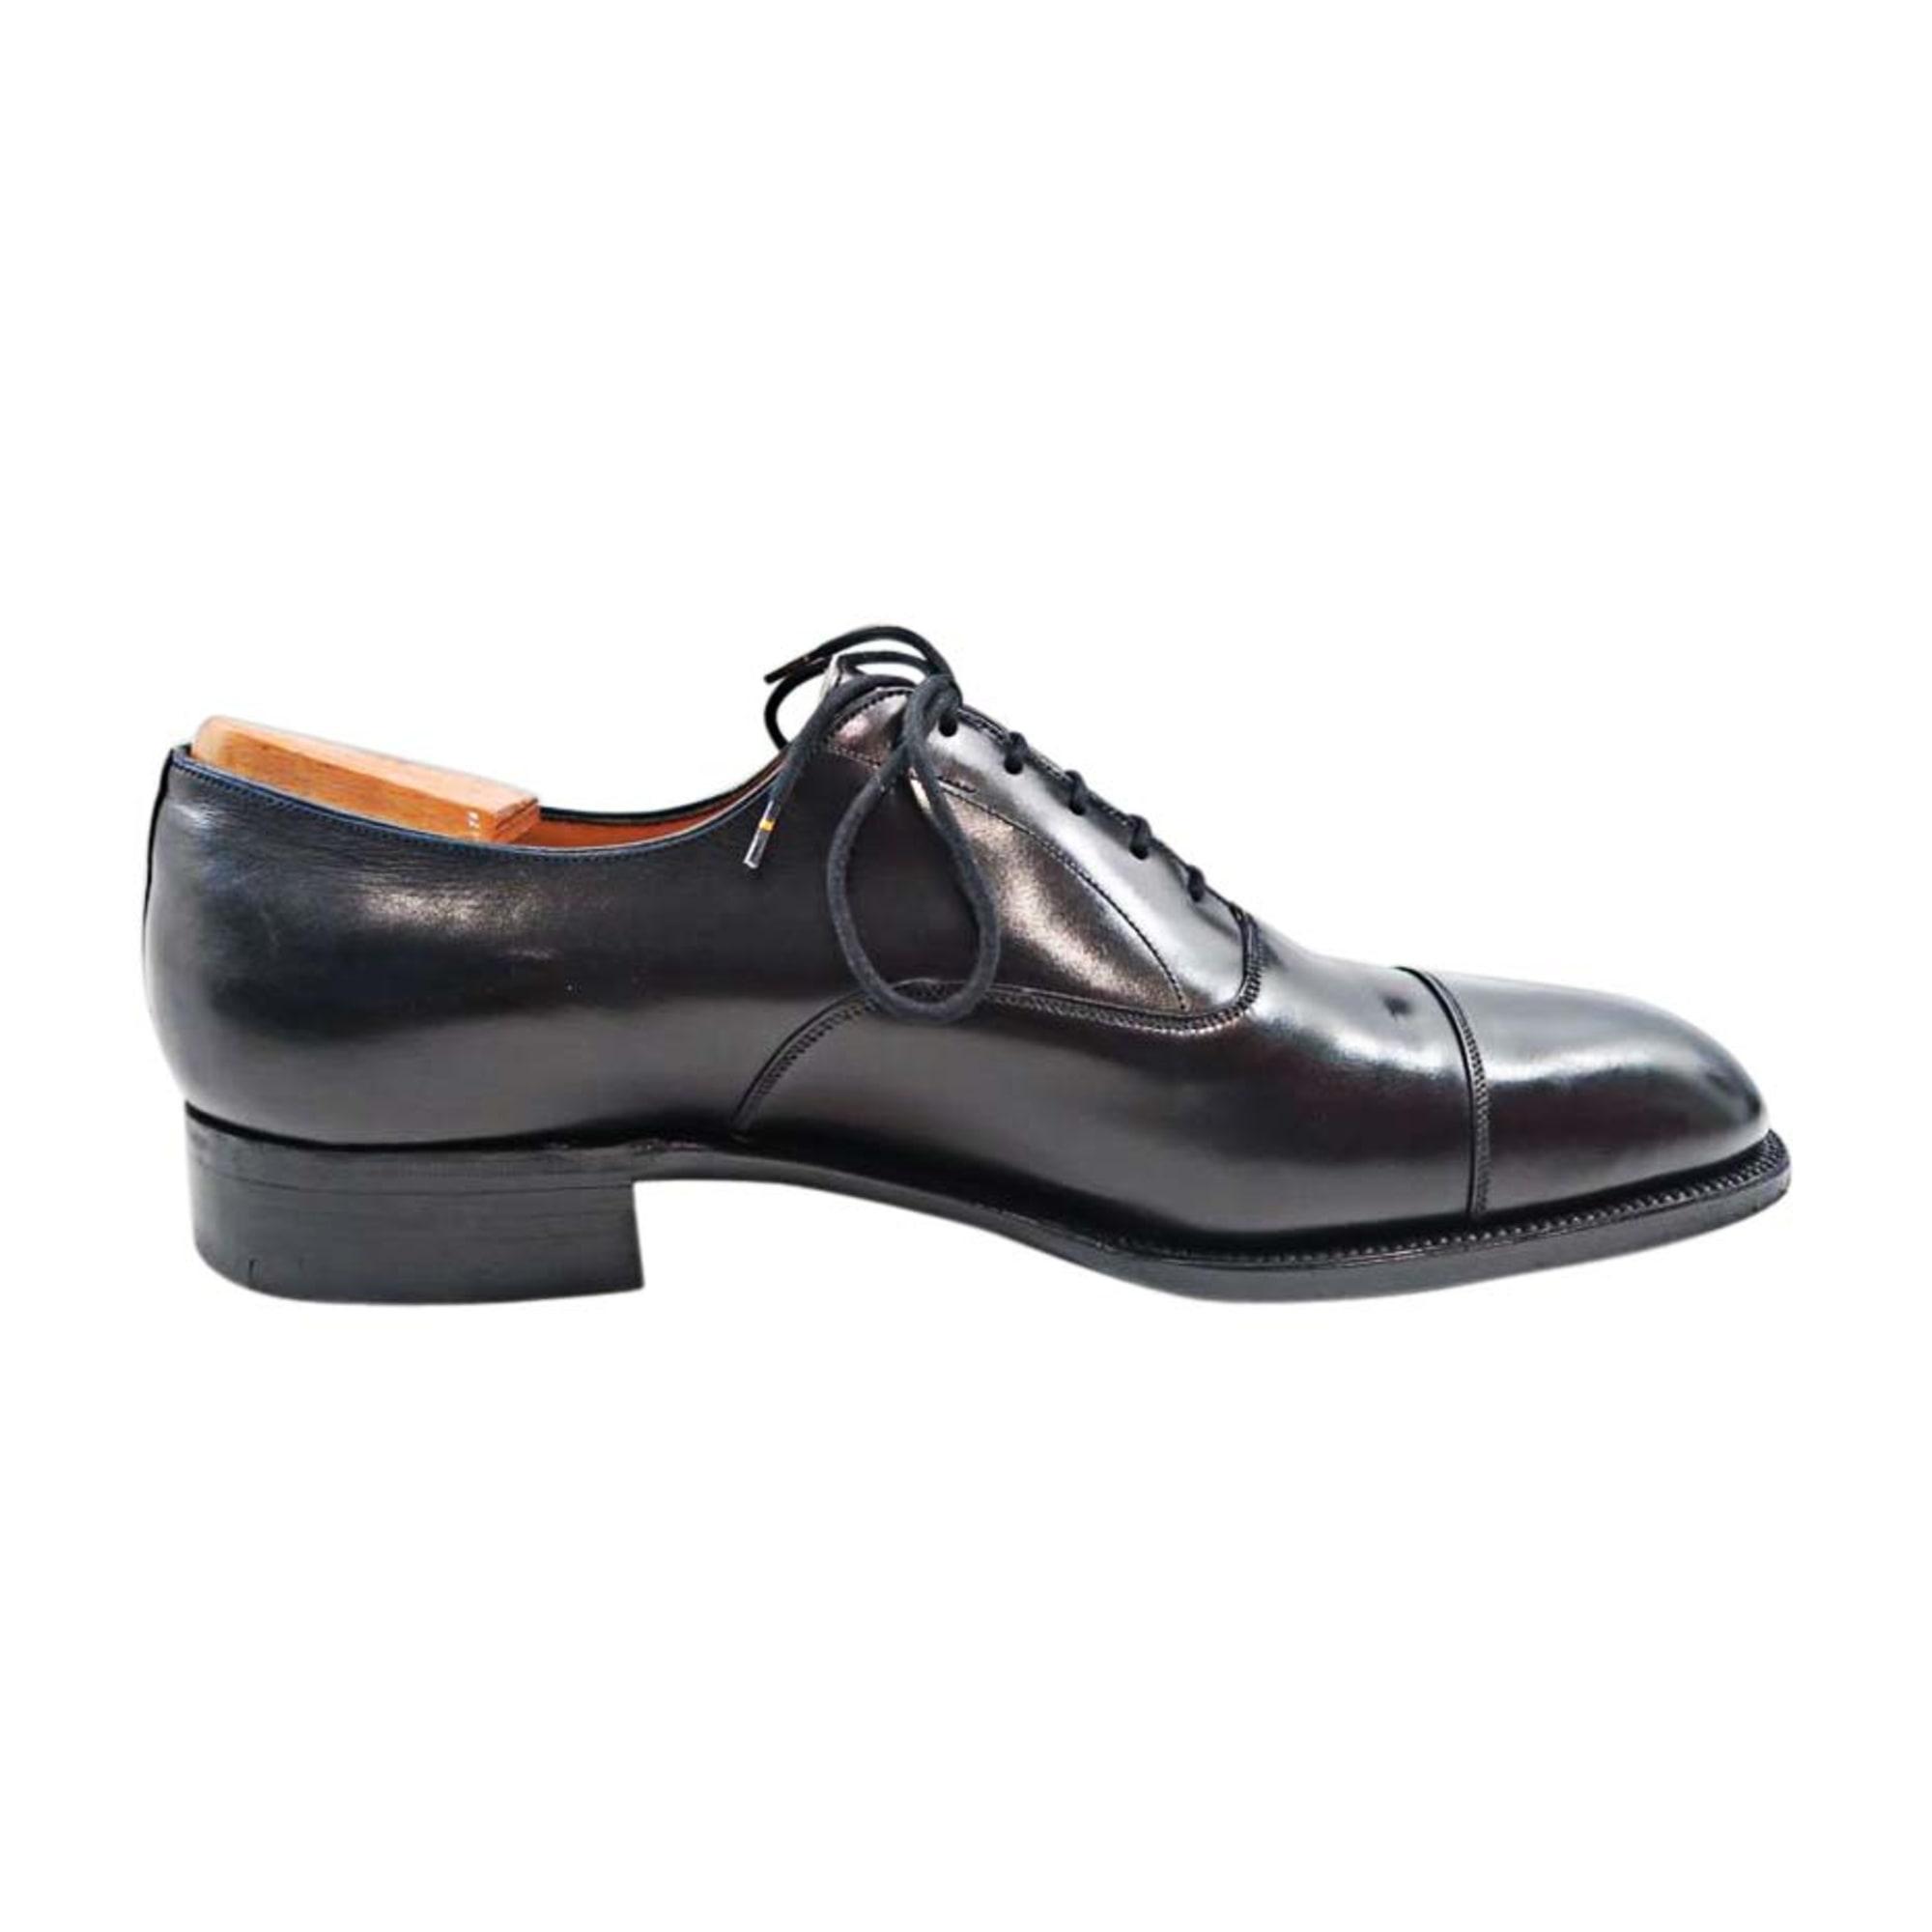 5640b1d8e4 Chaussures à lacets JM WESTON 43 noir - 7544172